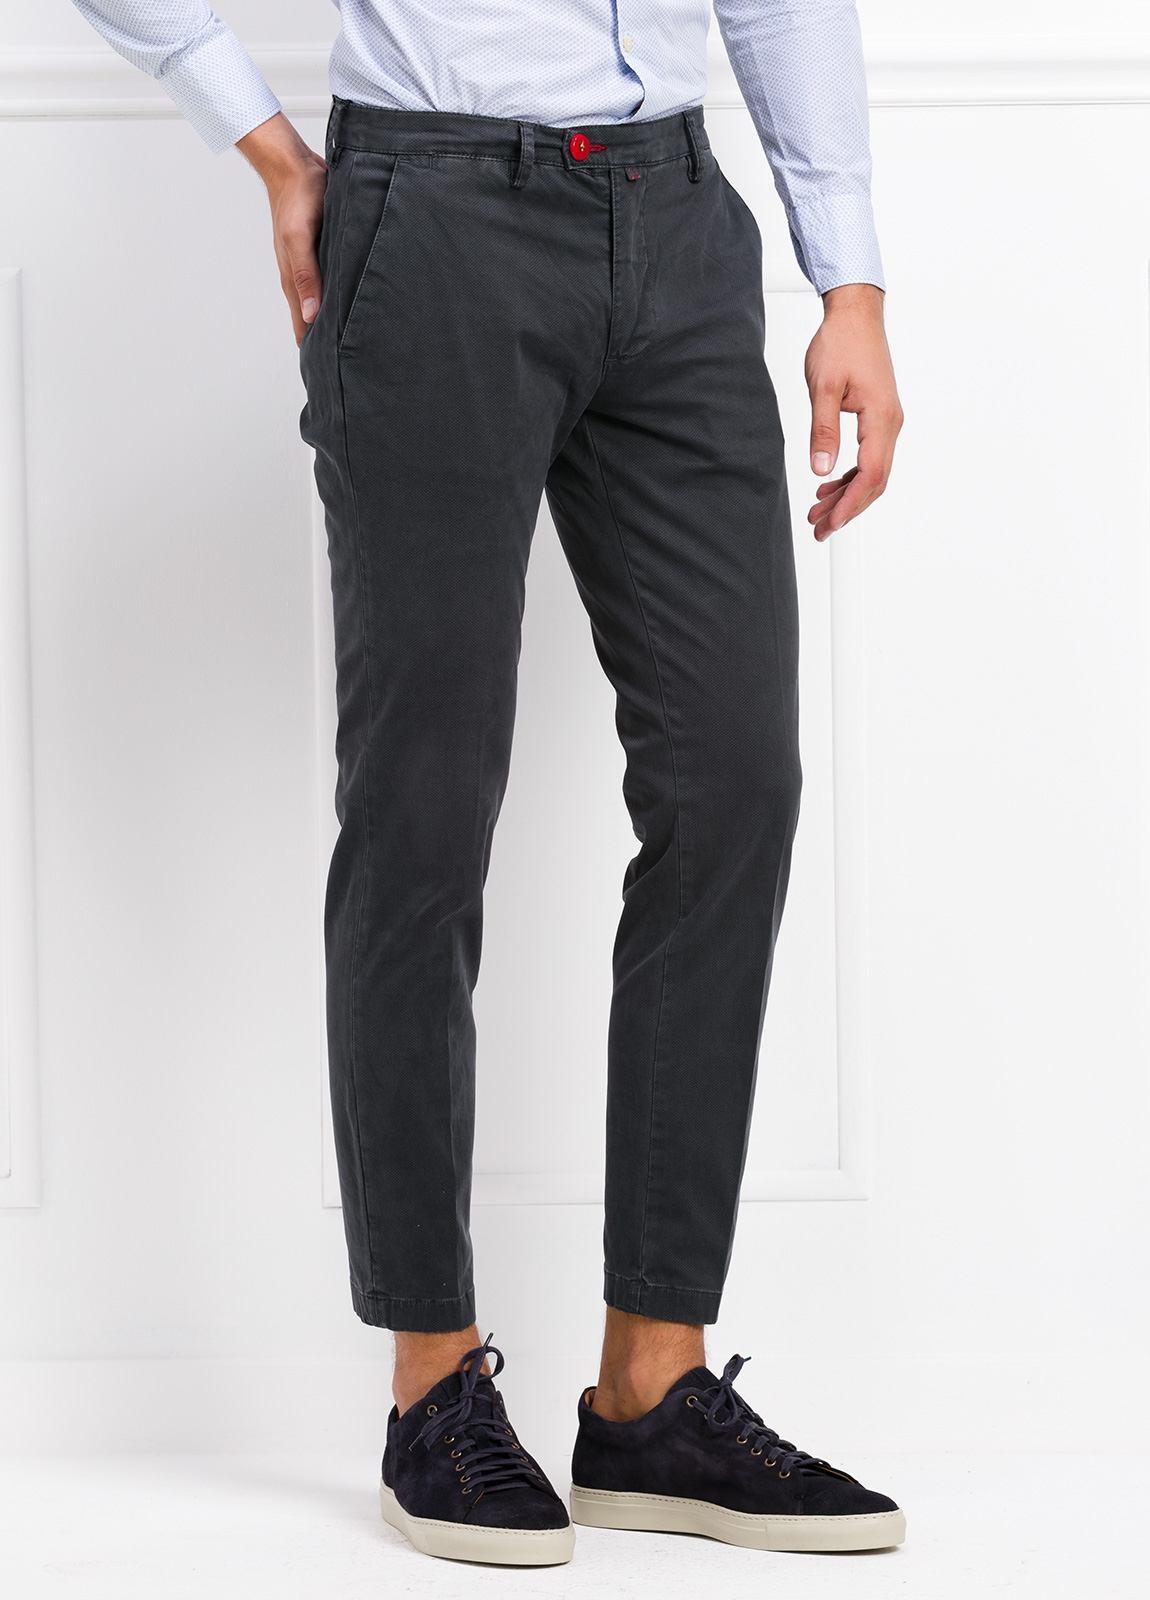 Pantalón chino color gris oscuro. 97% Algodón 3% Ea. - Ítem1